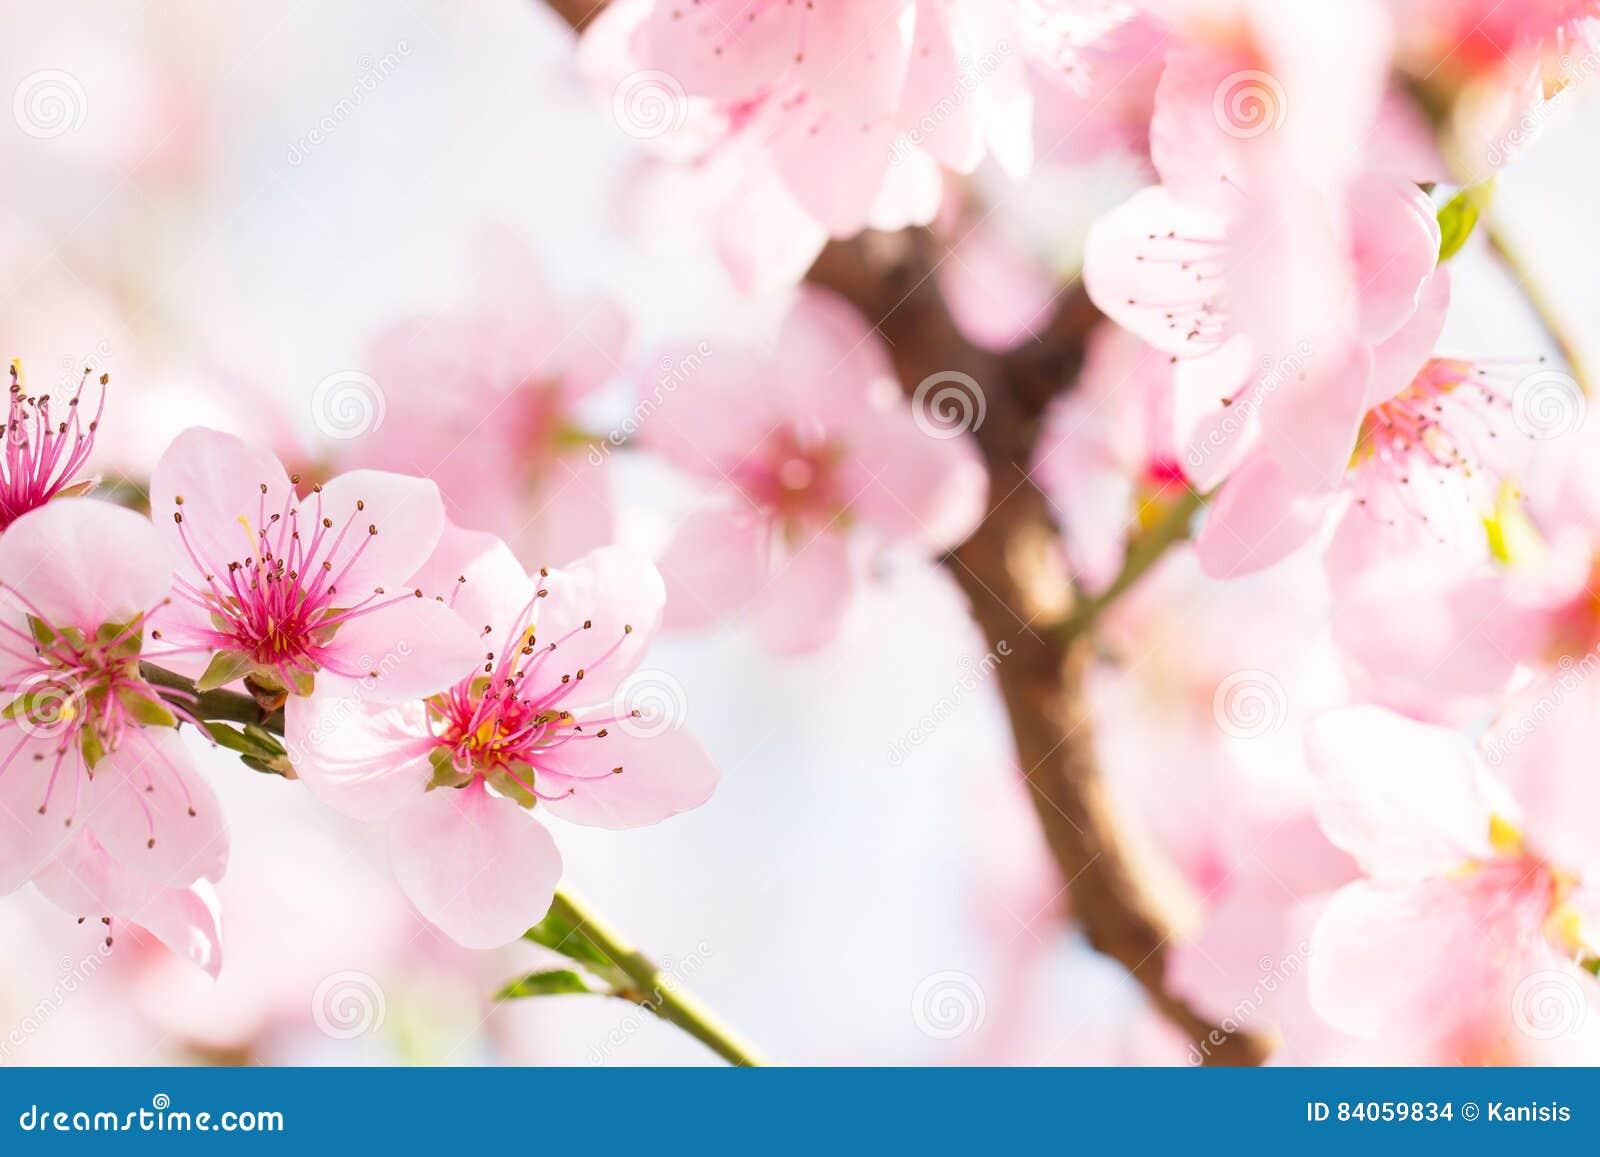 软的阳光在美好的桃红色花开花芽背景中